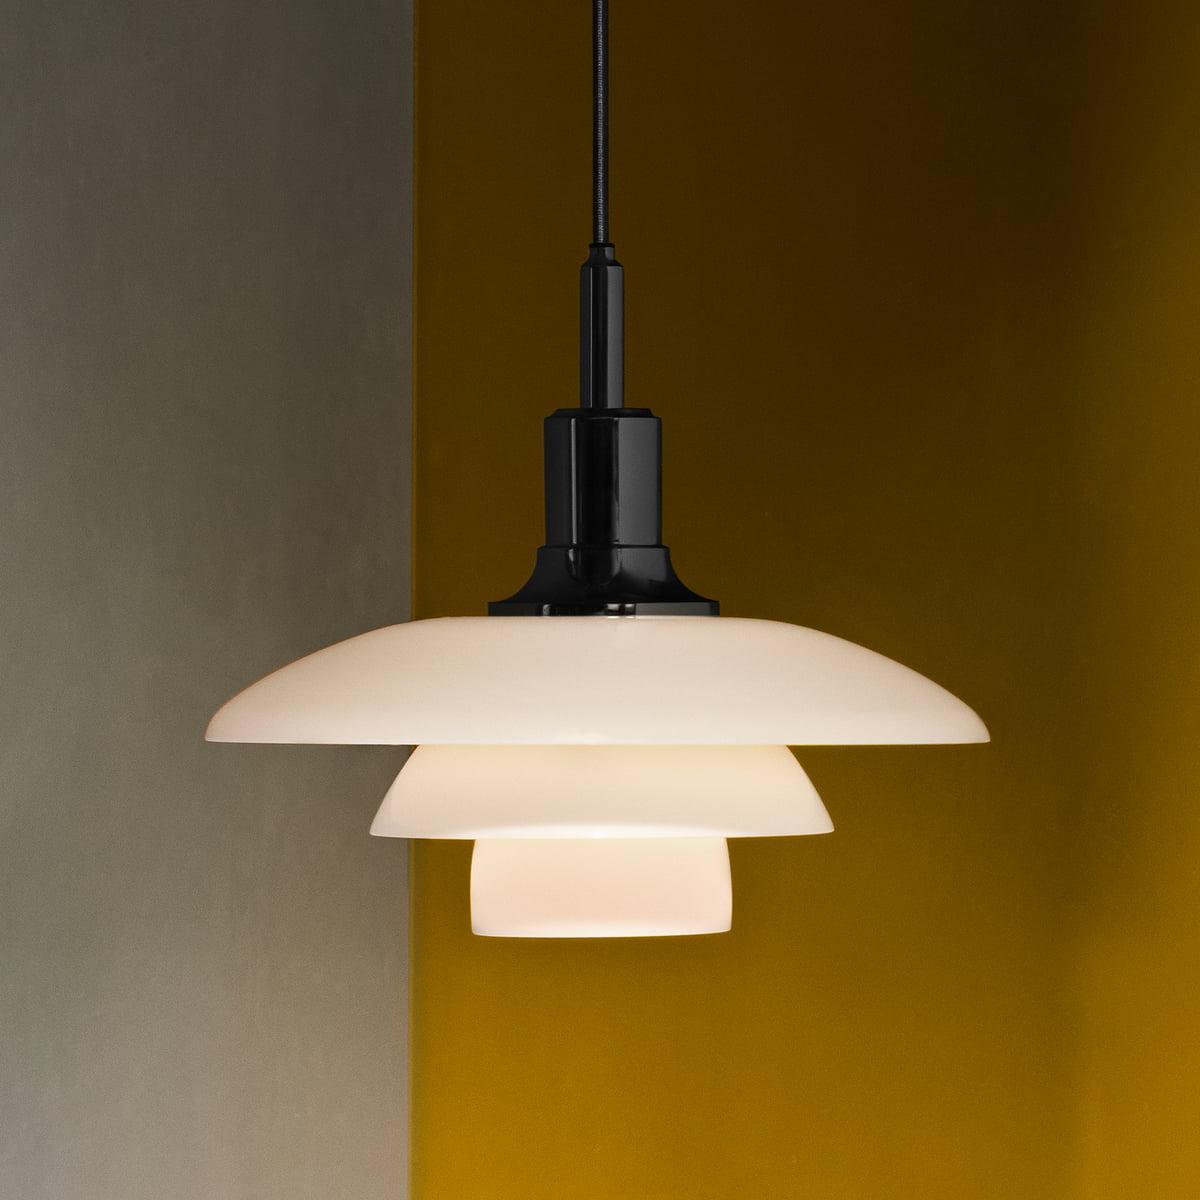 ph 3 pendant lamp by louis poulsen. Black Bedroom Furniture Sets. Home Design Ideas